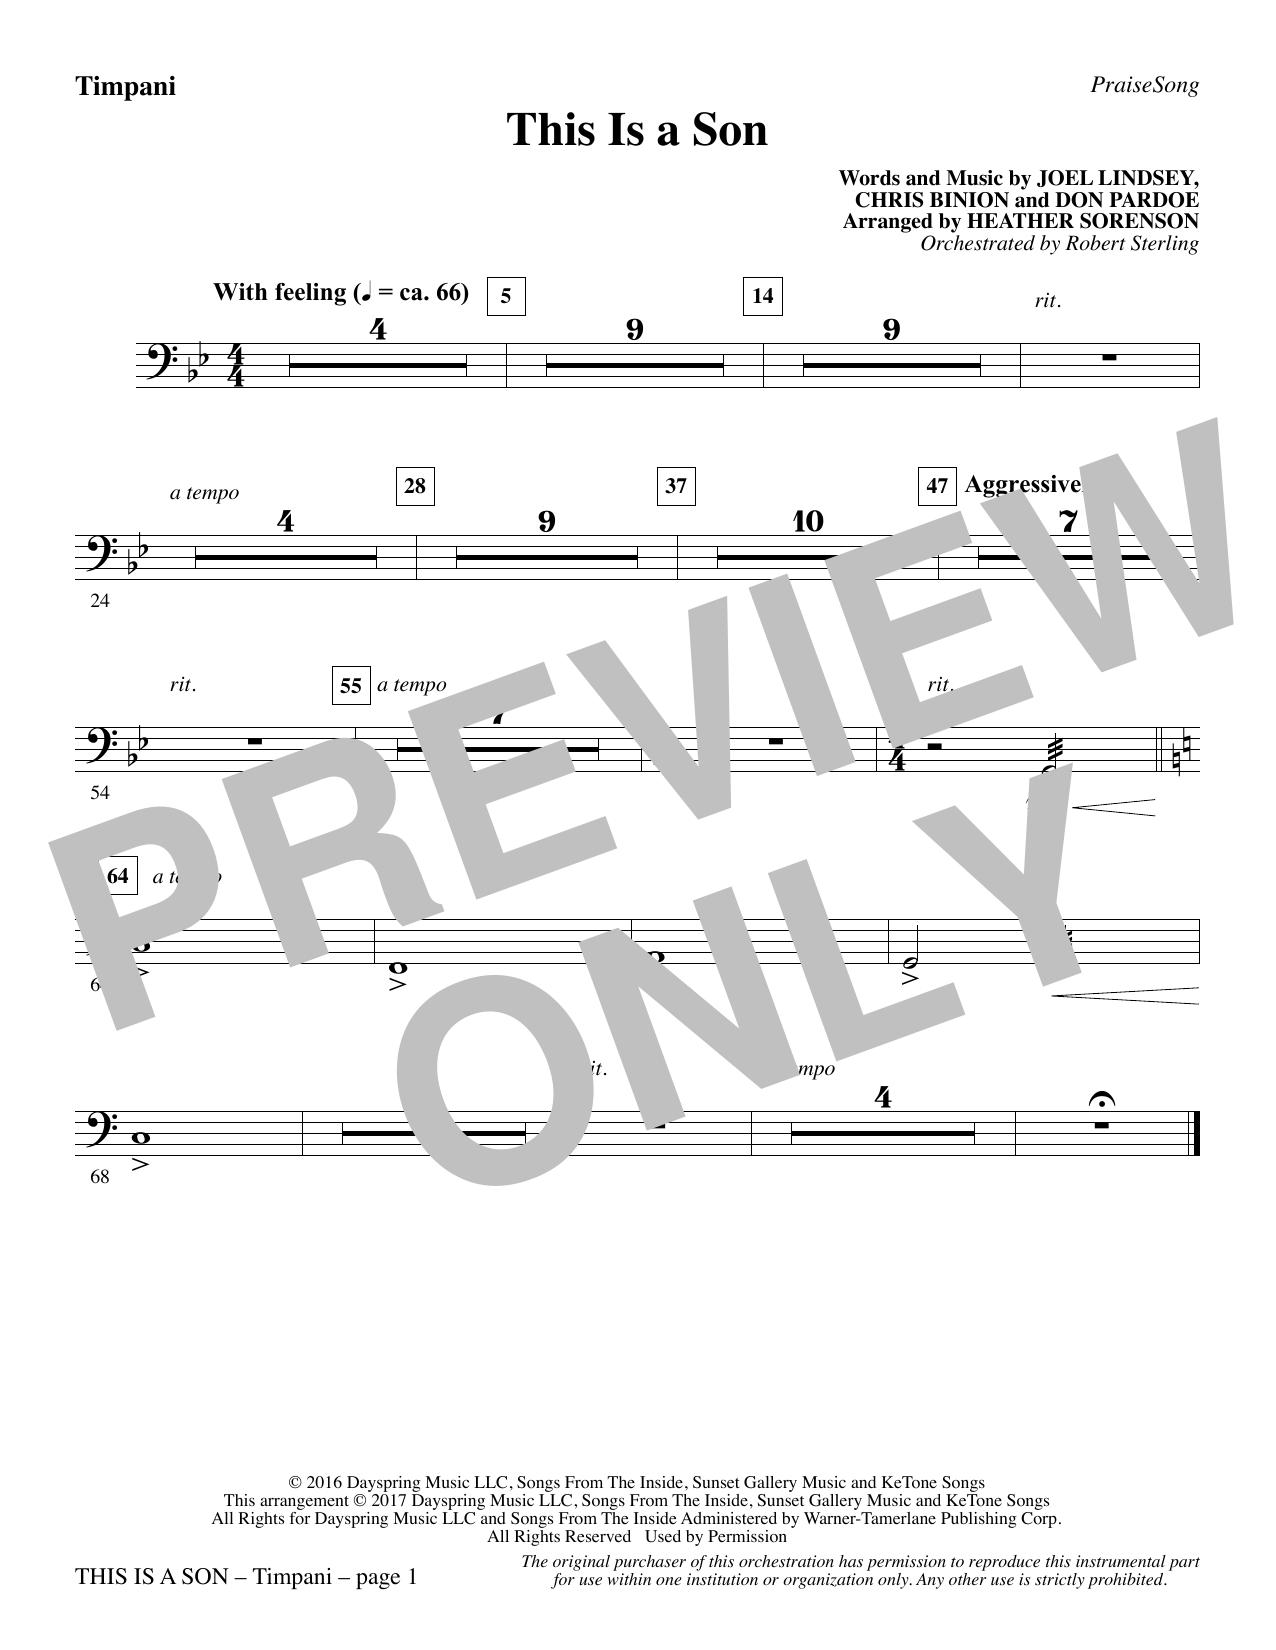 This Is a Son - Timpani Sheet Music